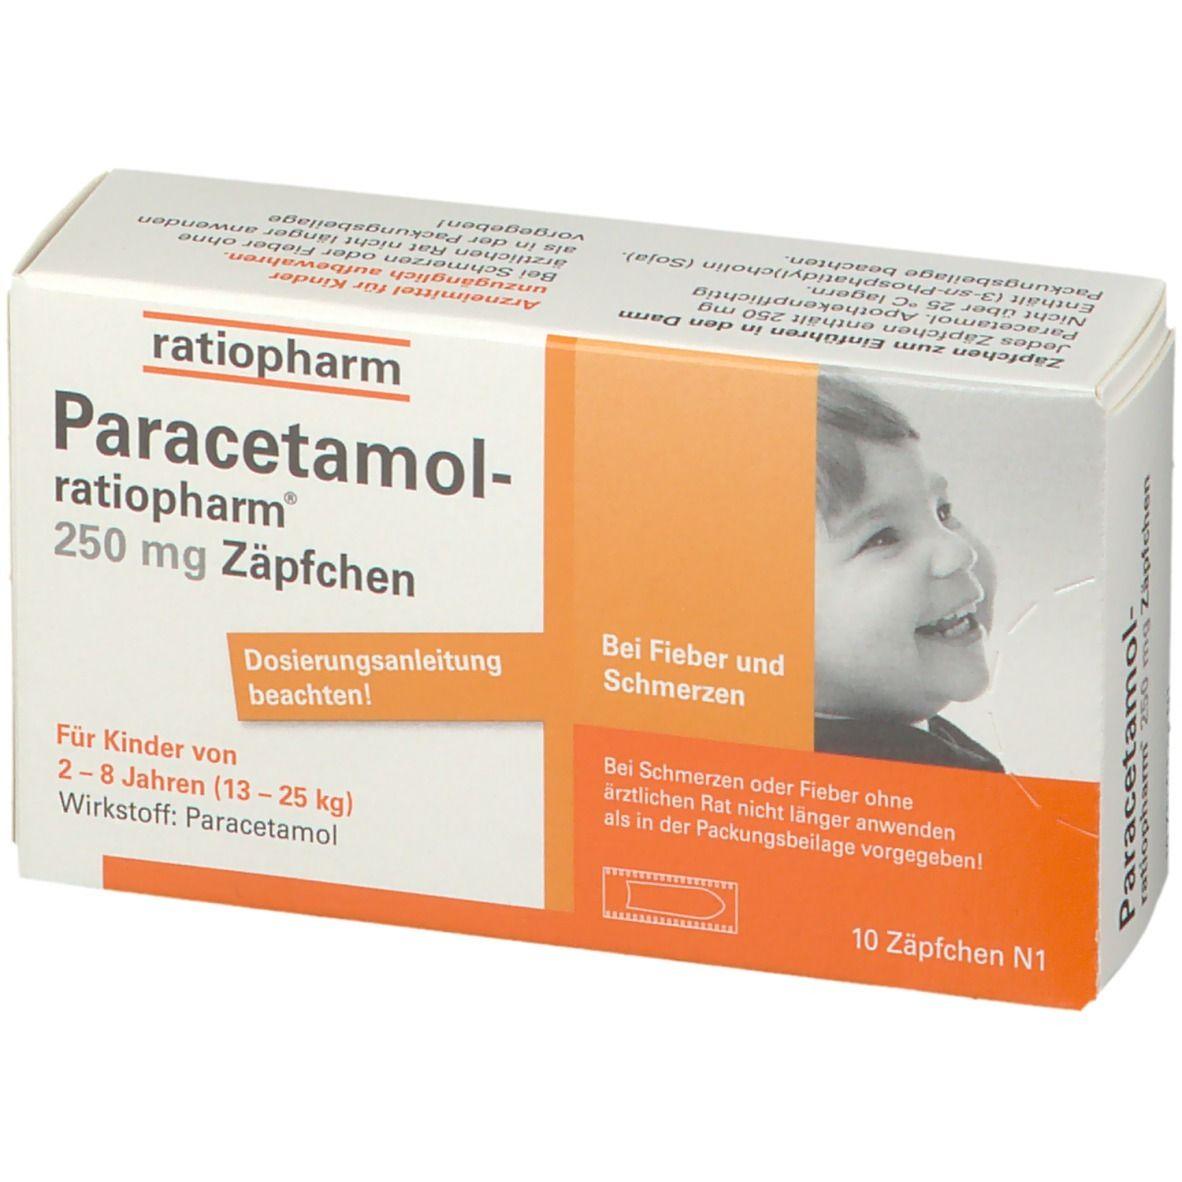 Wie Schnell Wirkt Paracetamol Zäpfchen